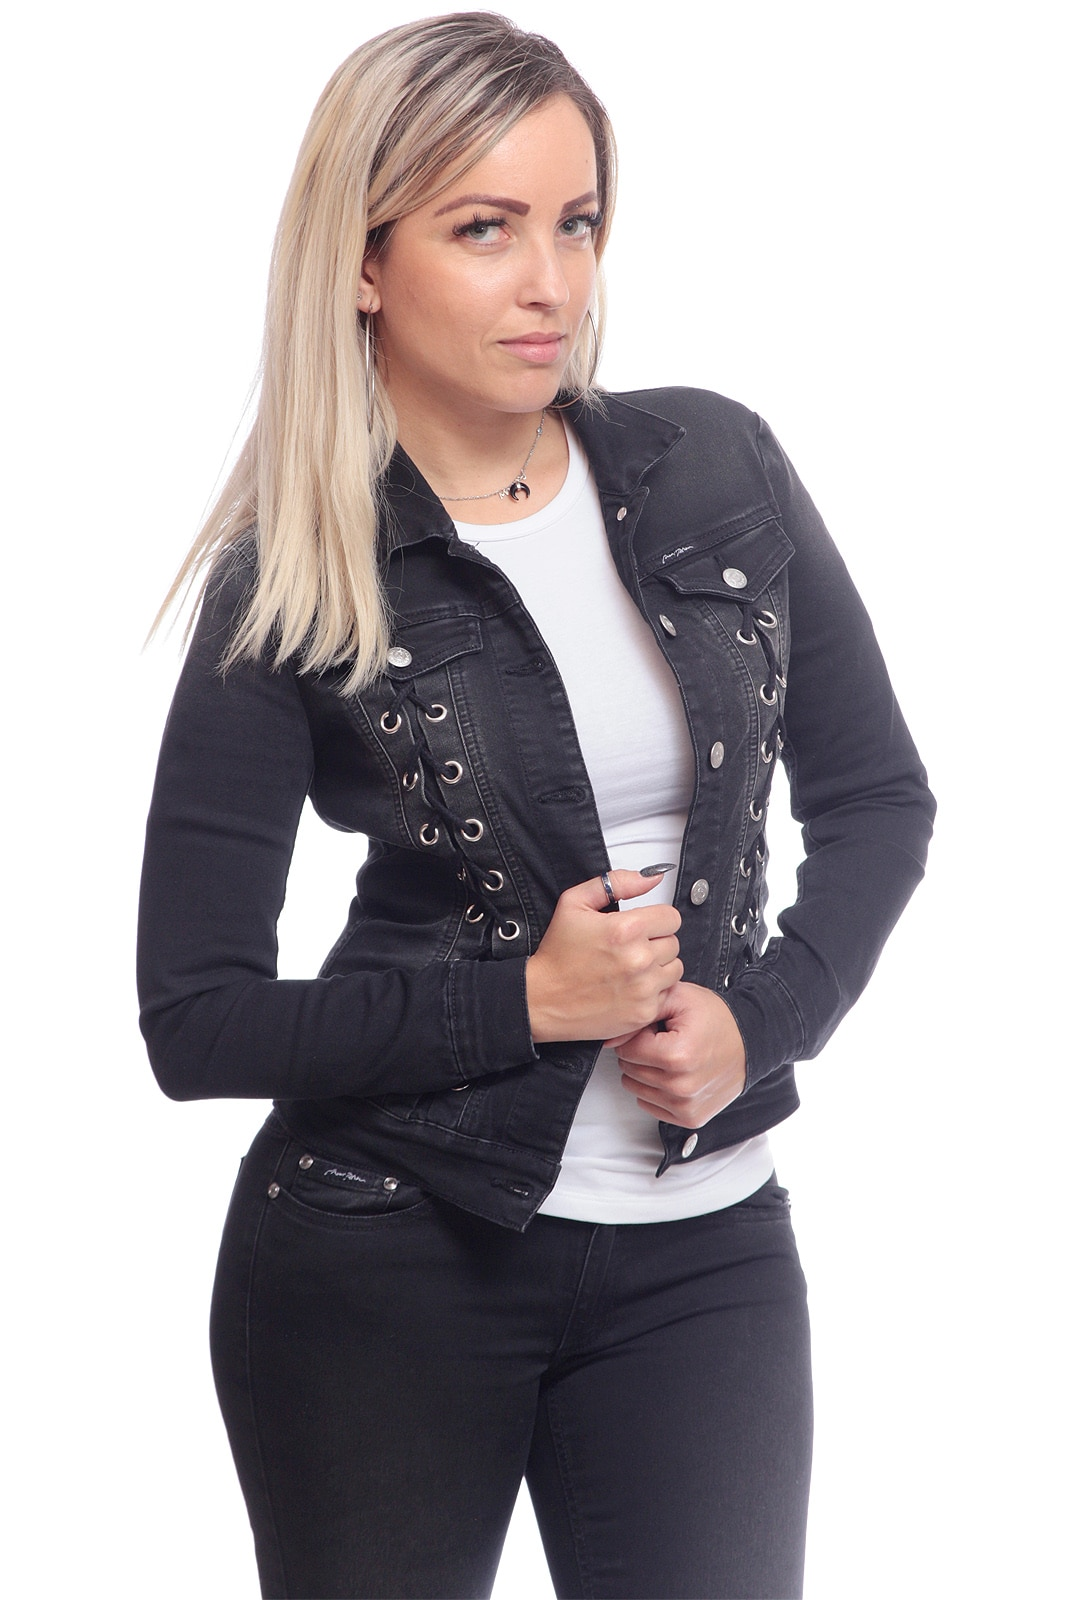 SOFIA BLACK 2